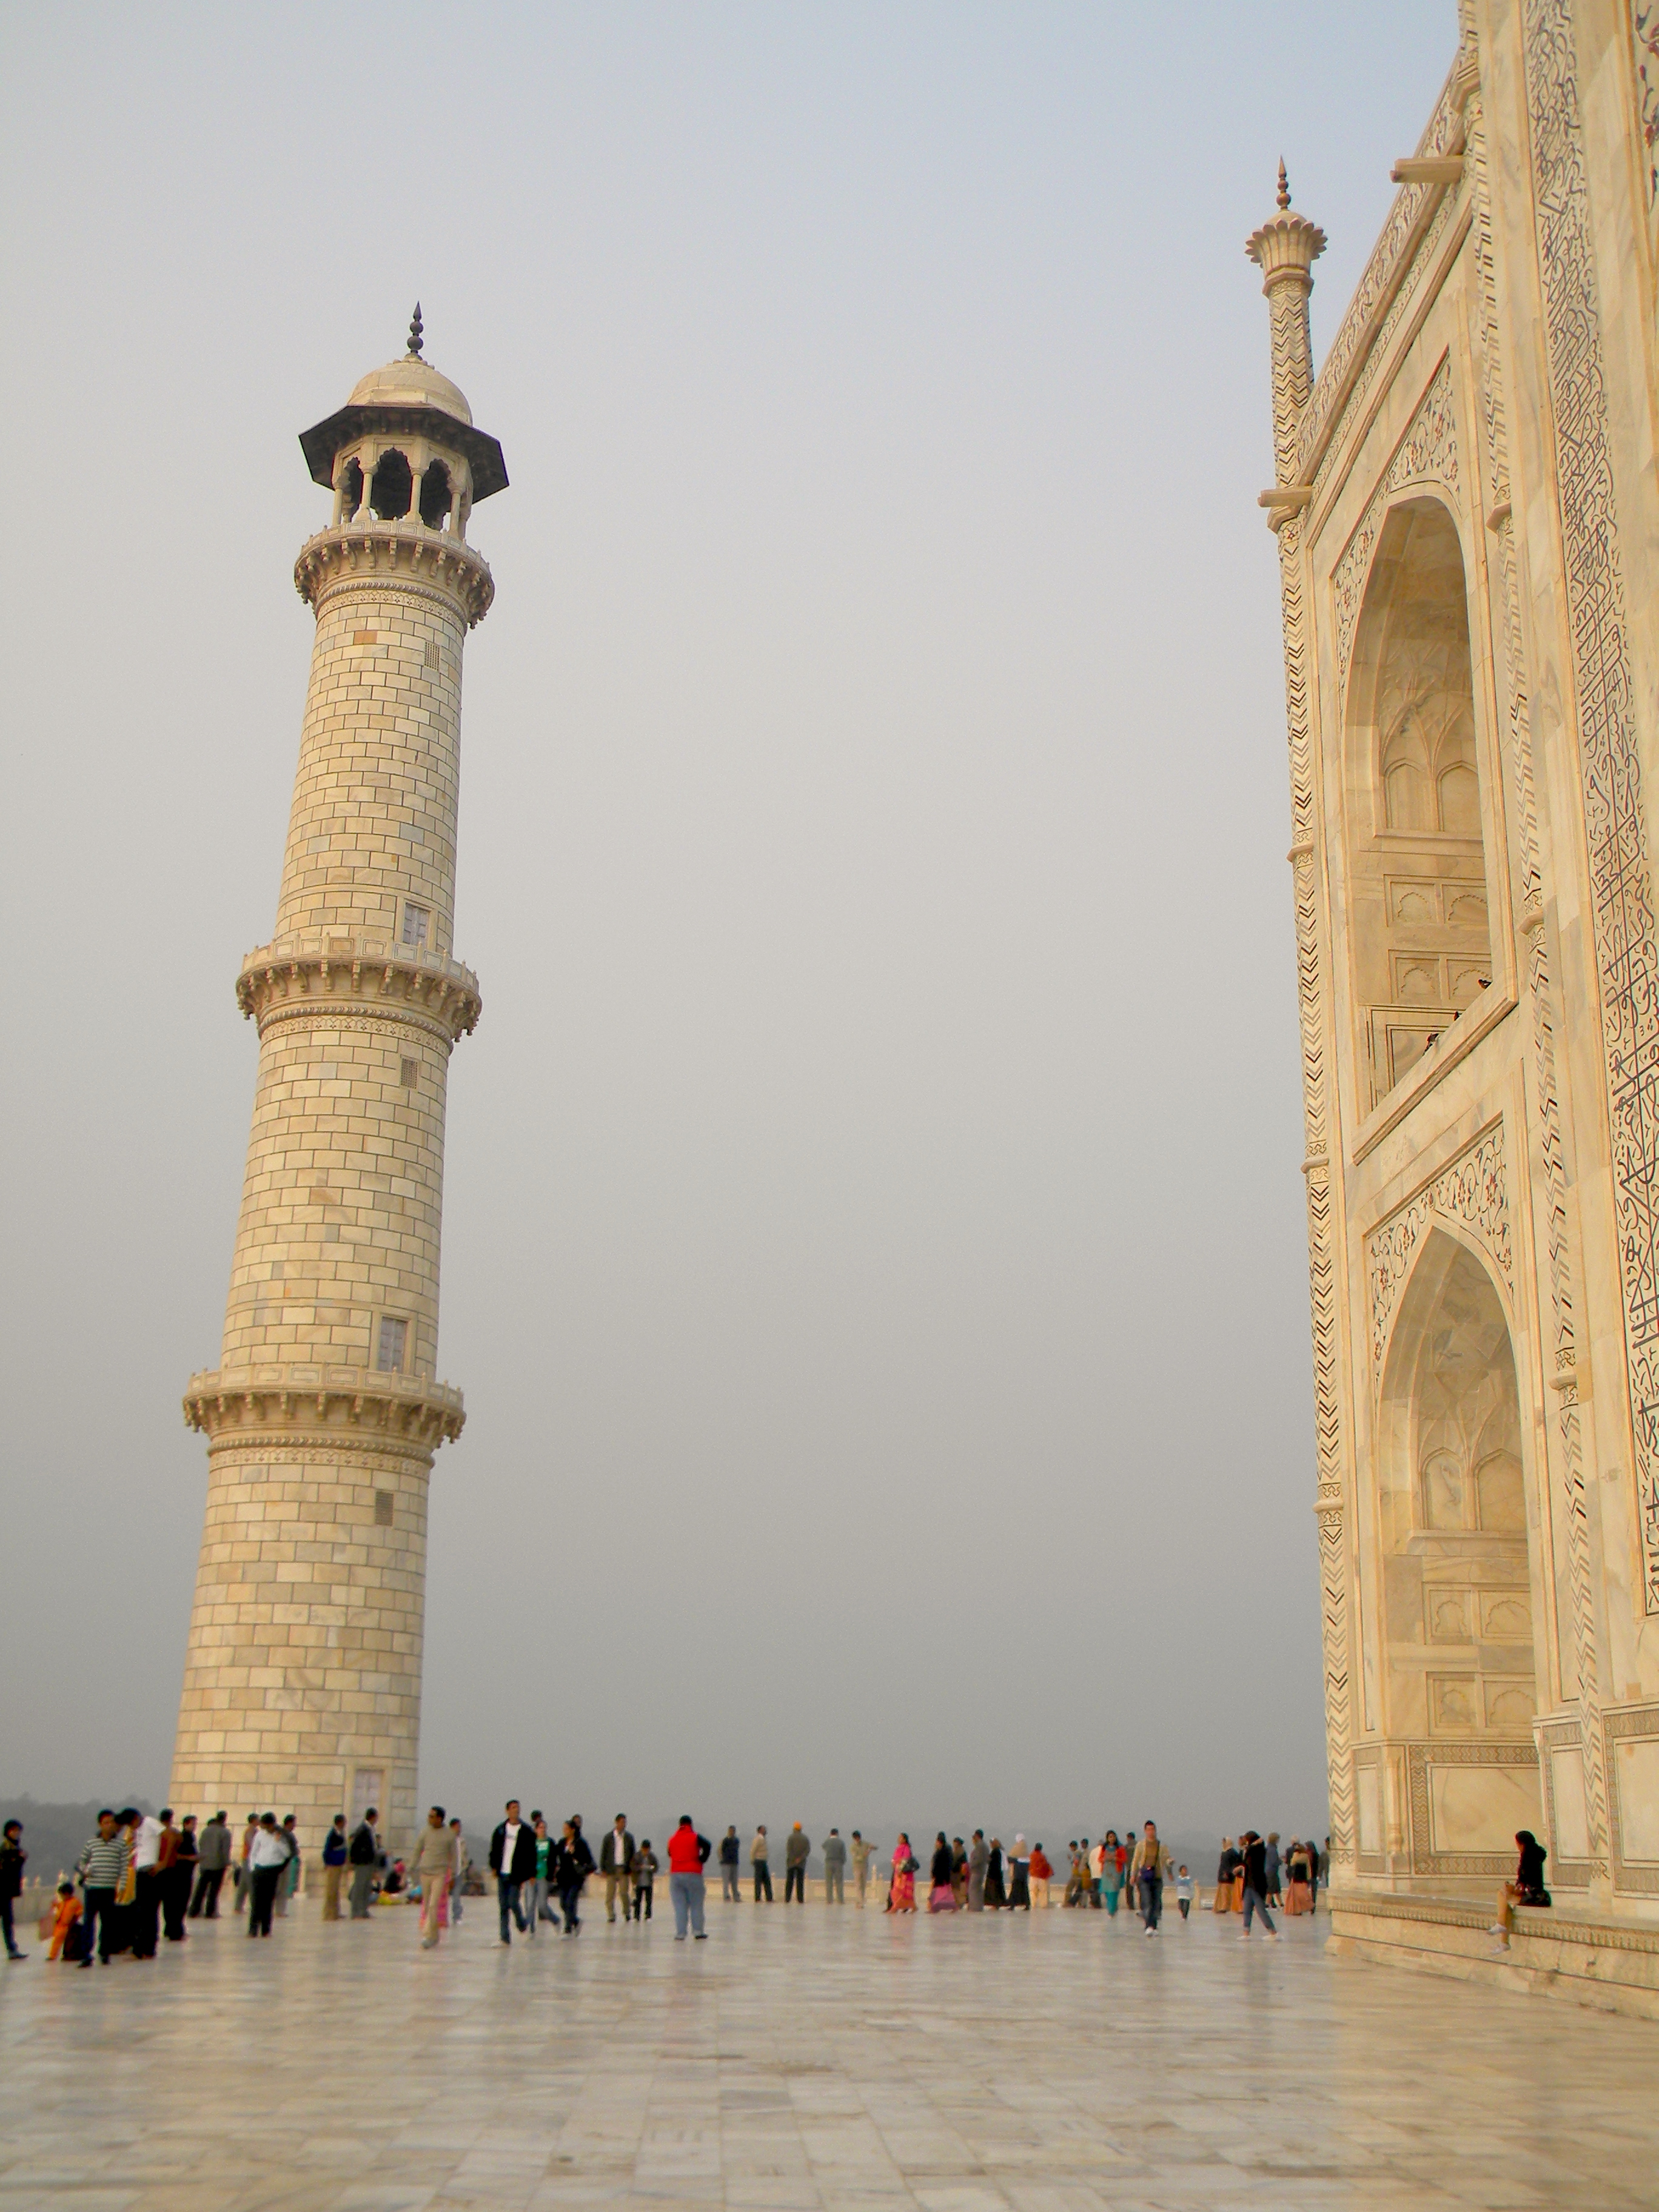 Taj Mahal, India 2010